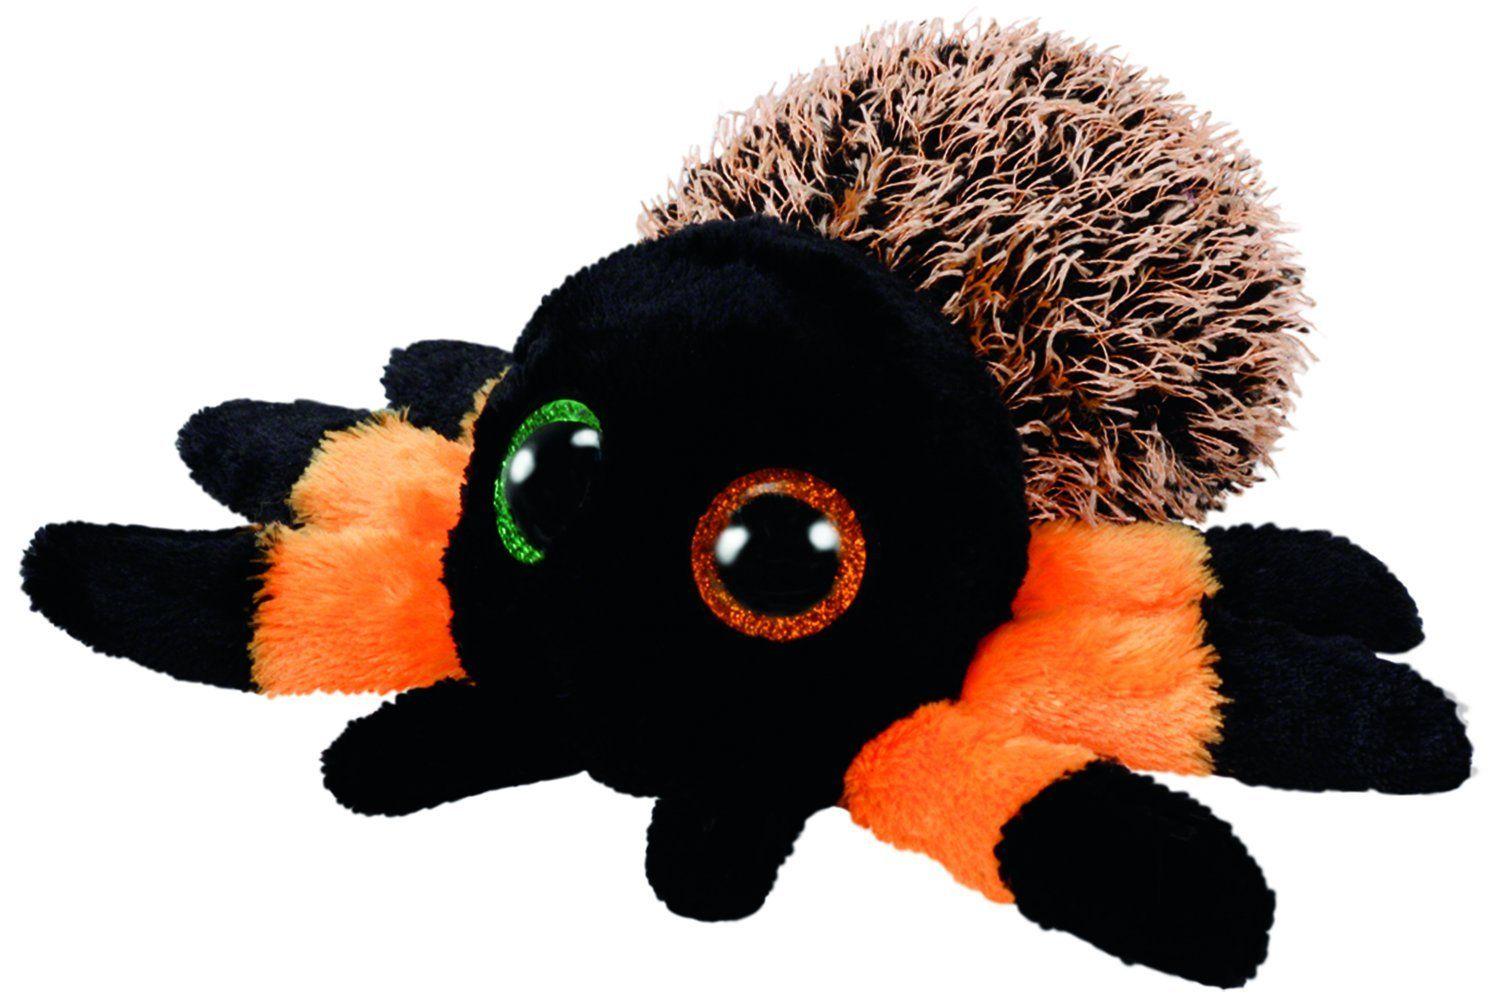 TY Beanie Boos - Hairy - oranžový pavouk 36855 - 15 cm plyšák TY Inc. ( Meteor )